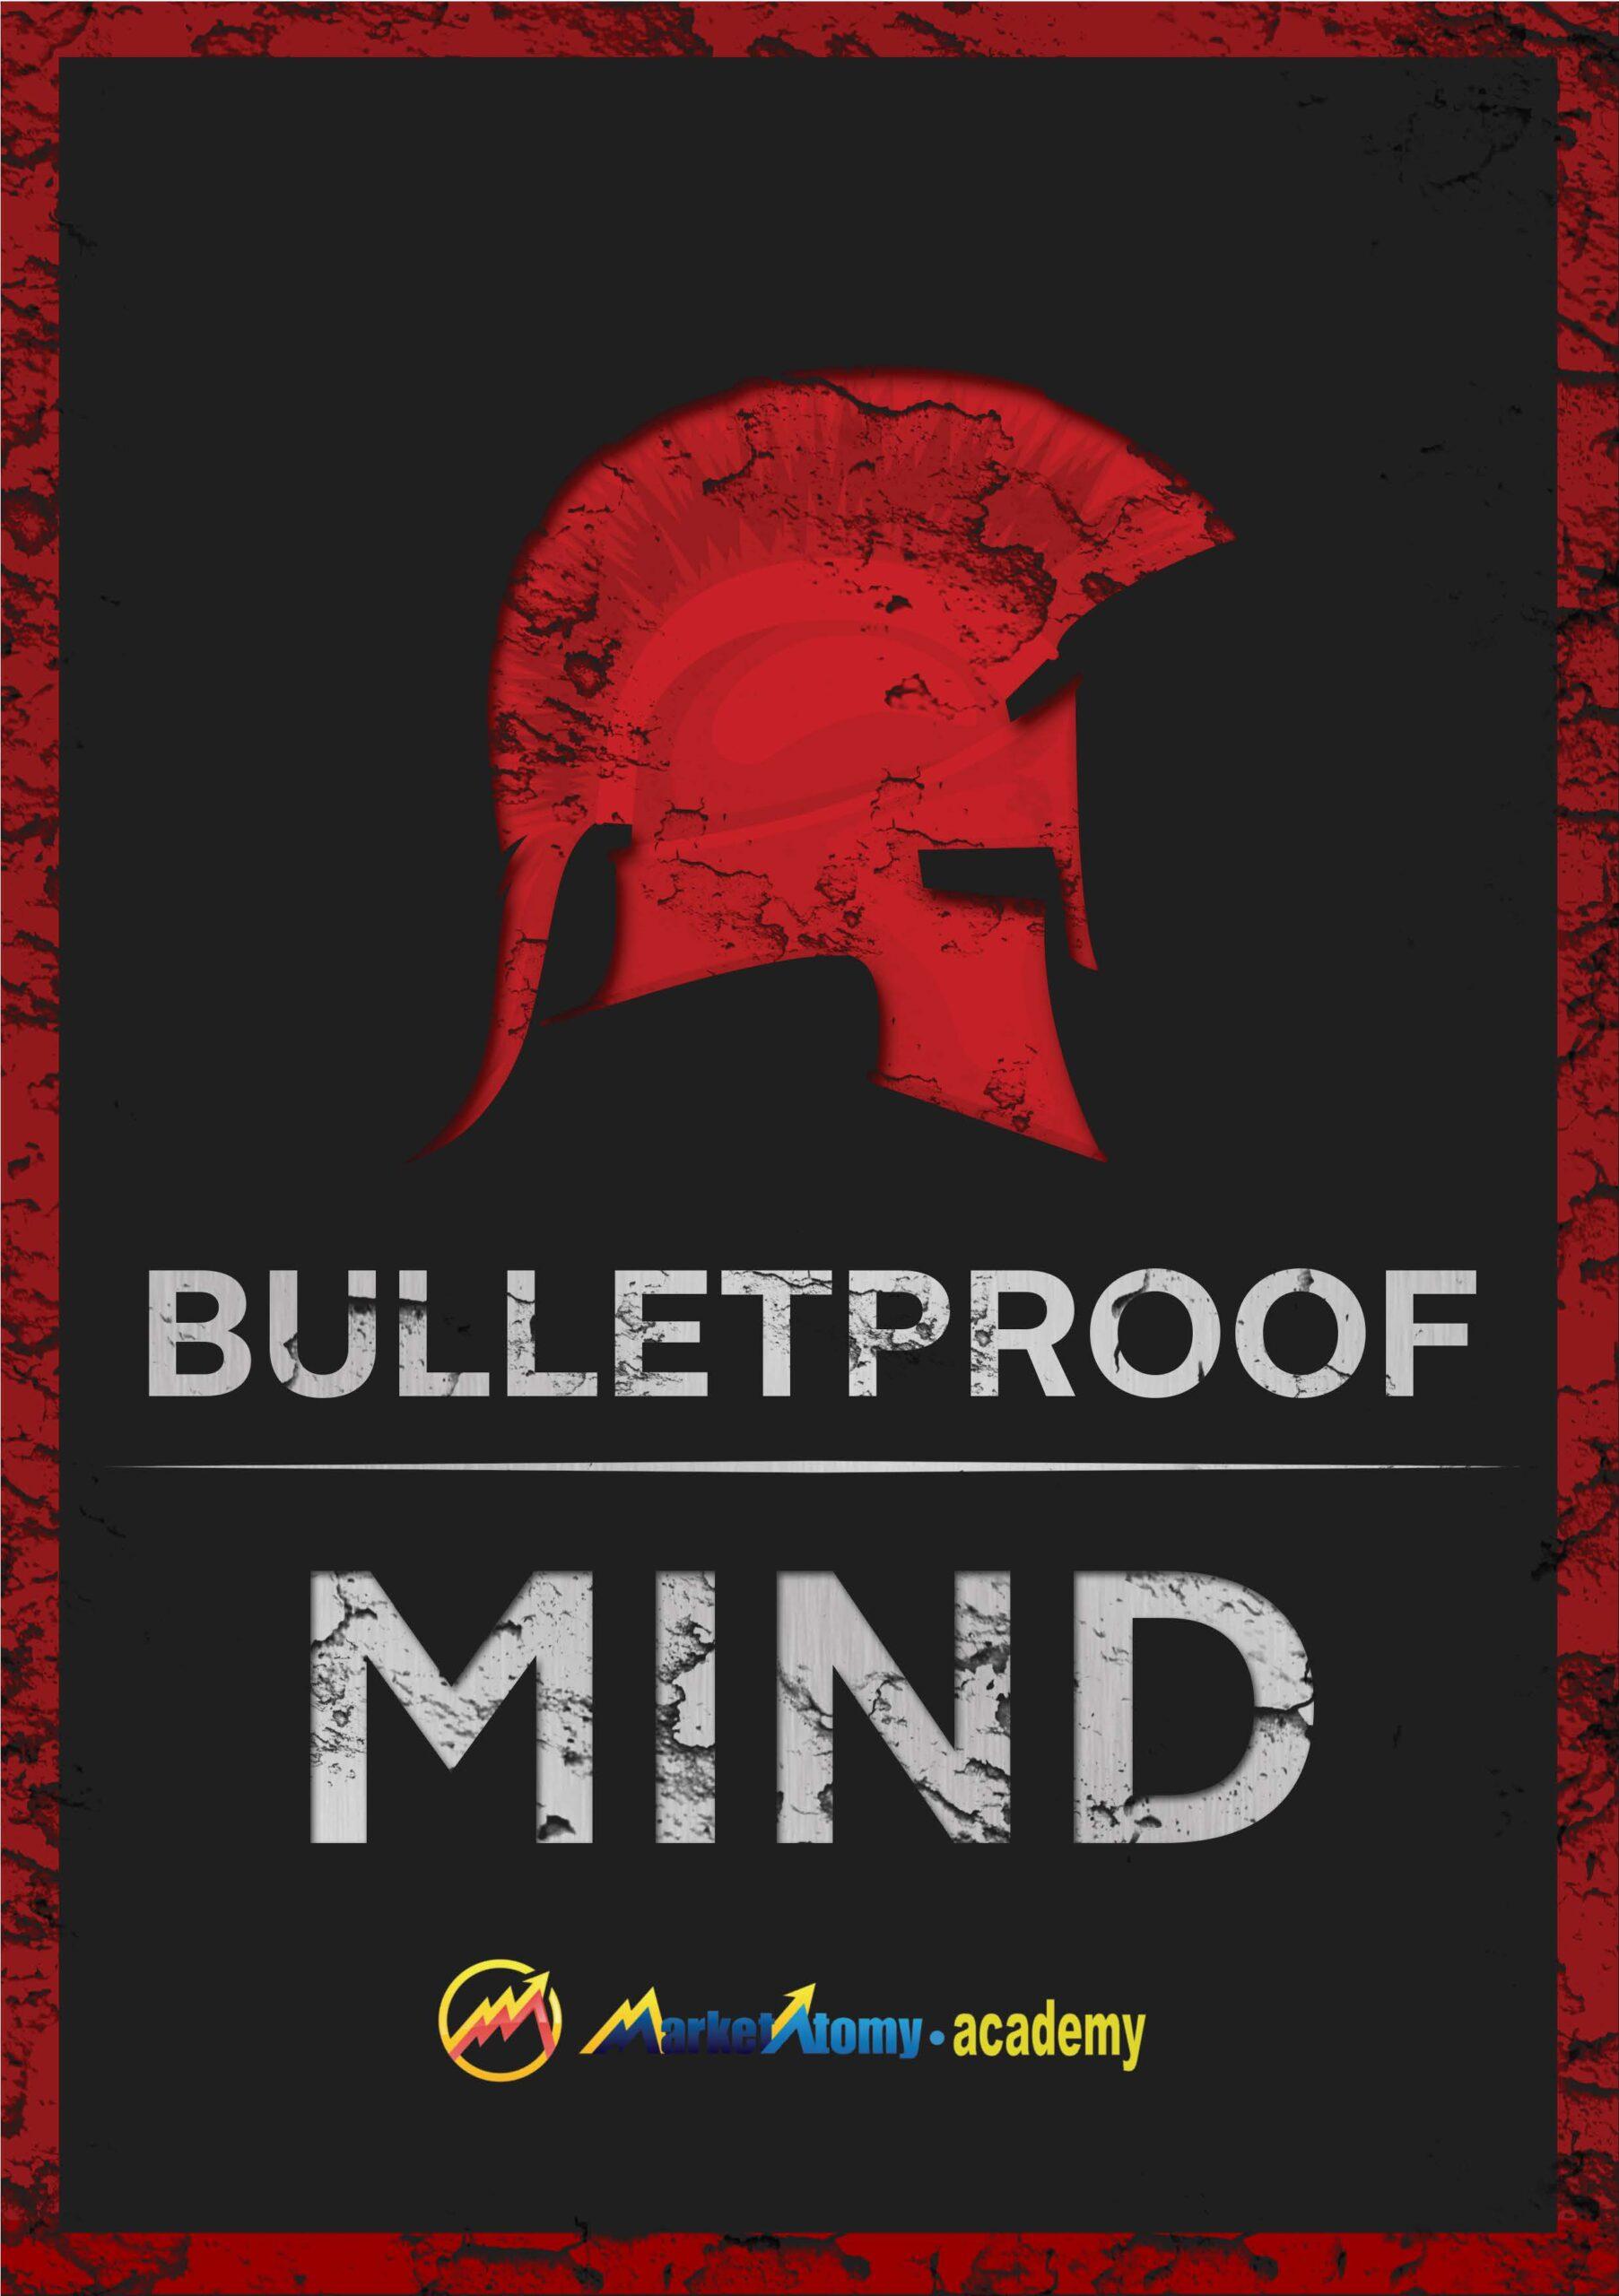 BulletProof Your Mind